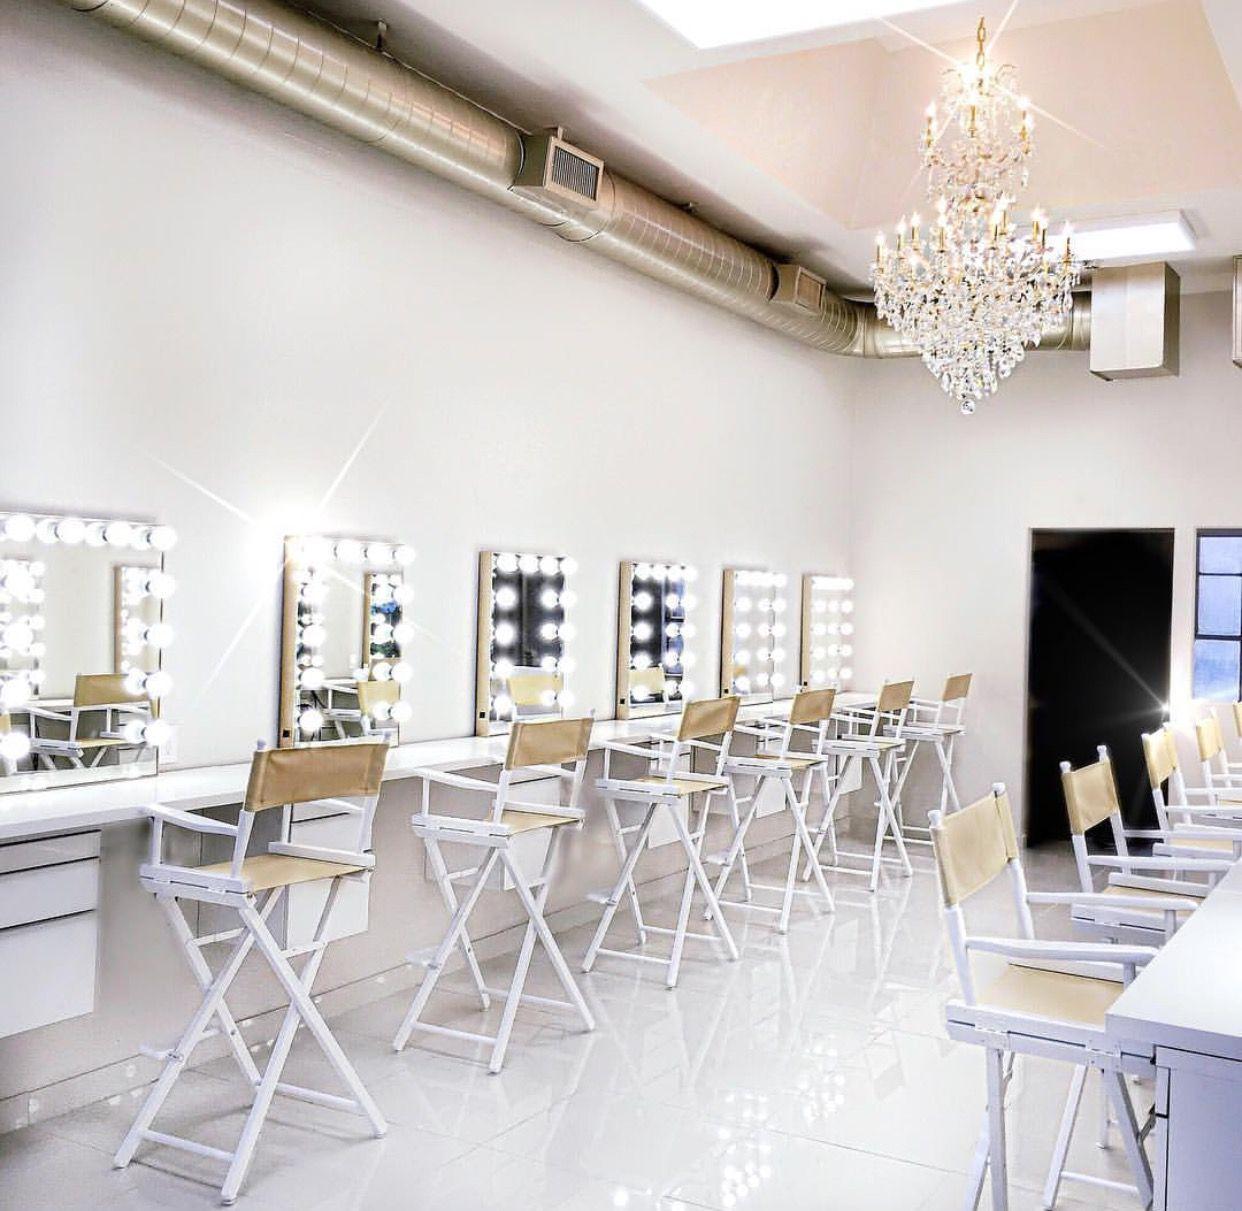 Pin Af Dani Salinas P Makeup Studio Decor Pinterest # Muebles Katrina